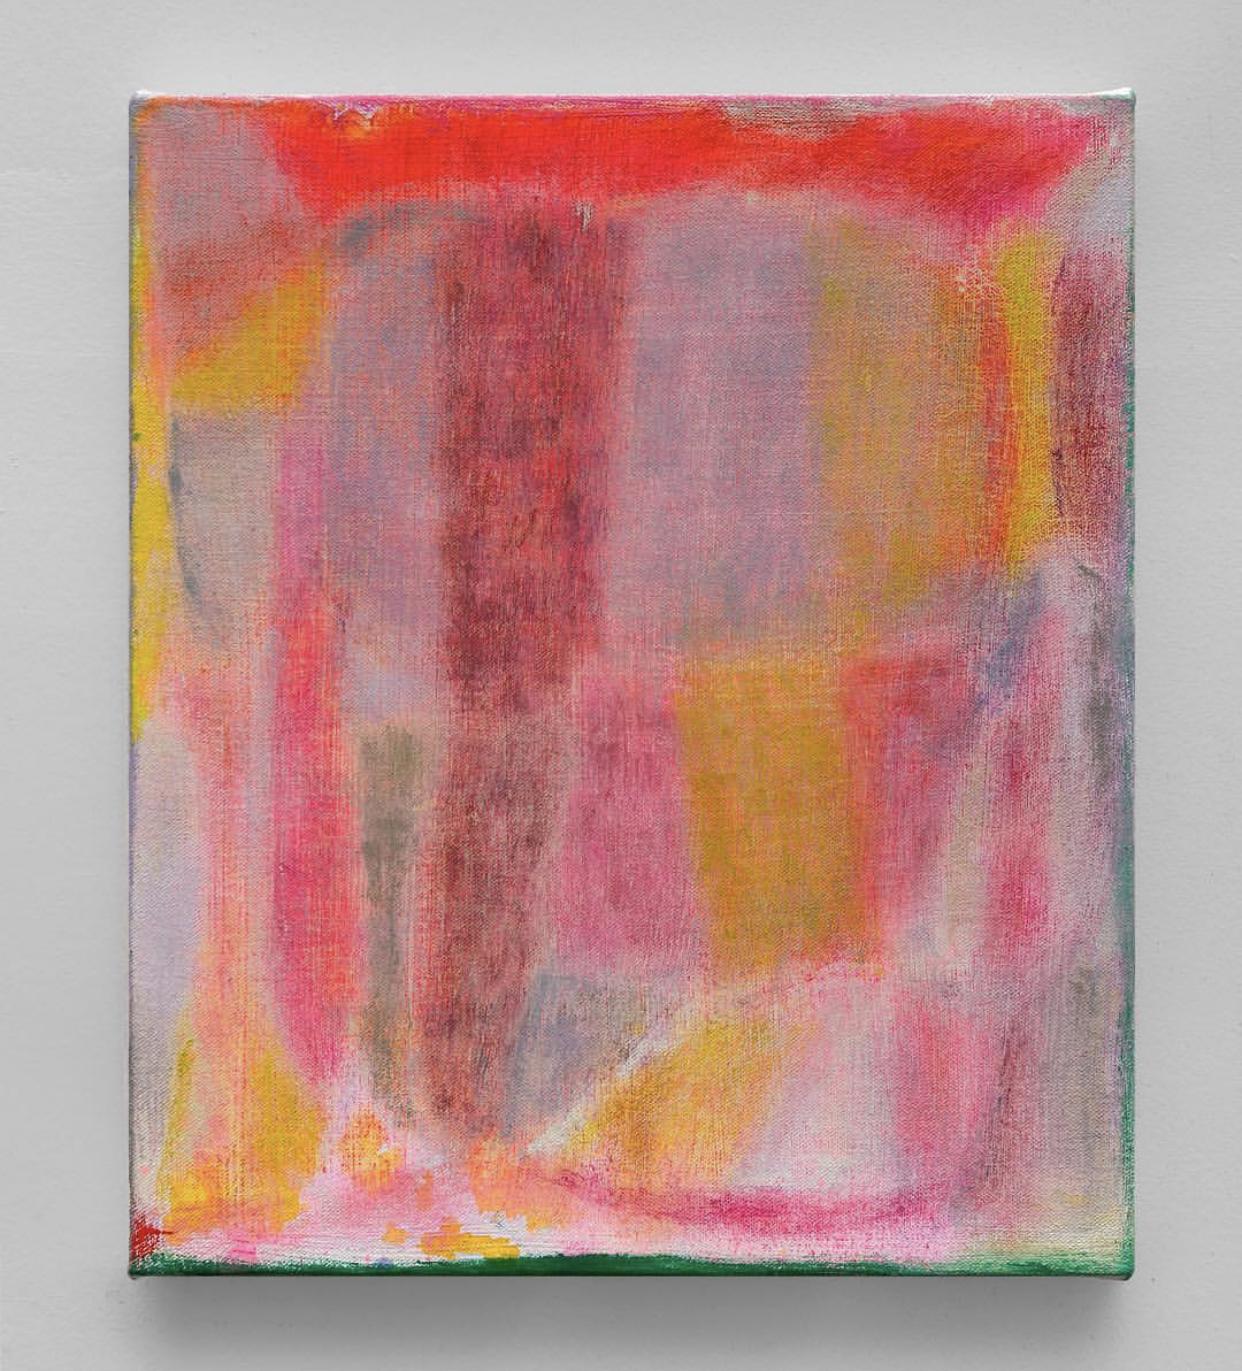 Chant , 2019, oil, acrylic, and acryla-gouache on canvas, 14 x 12 inches